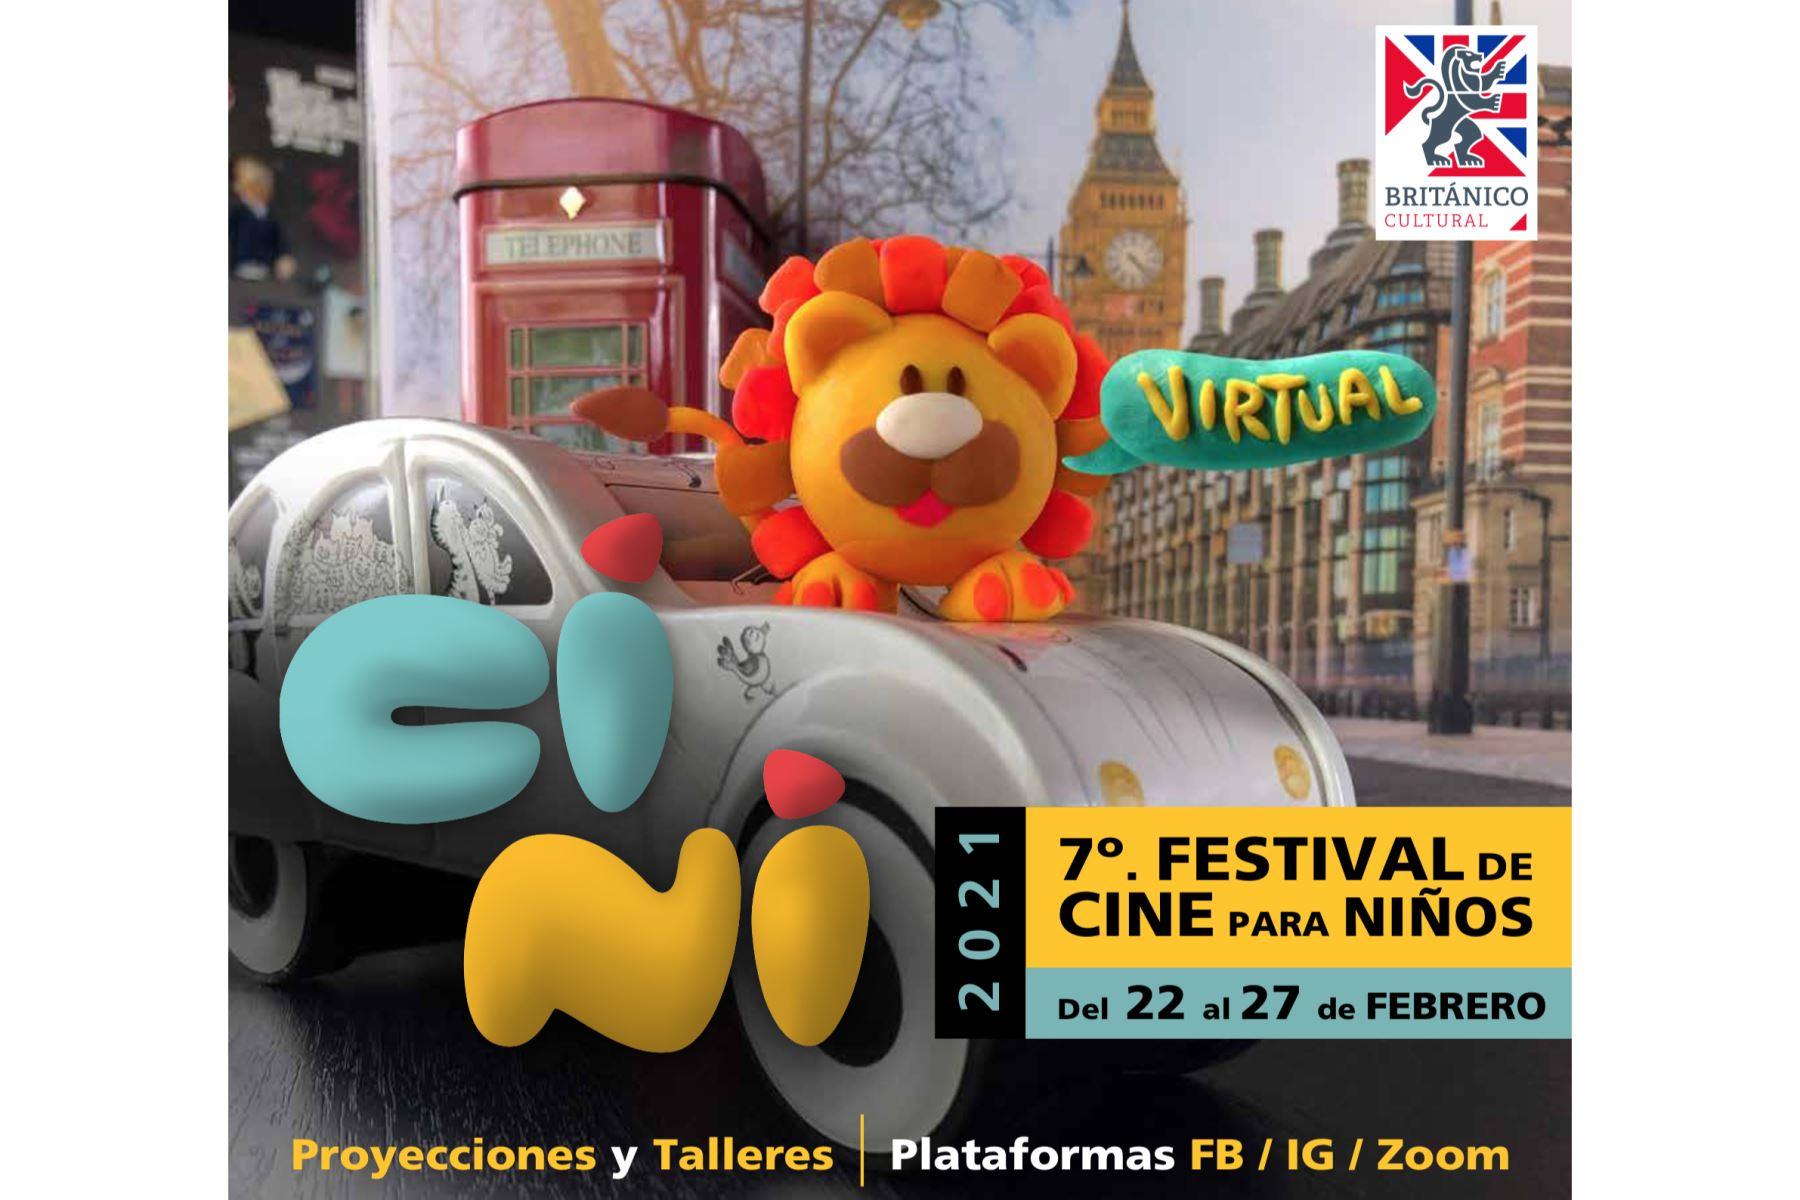 el-britanico-presenta-el-vii-festival-internacional-de-cine-para-ninos